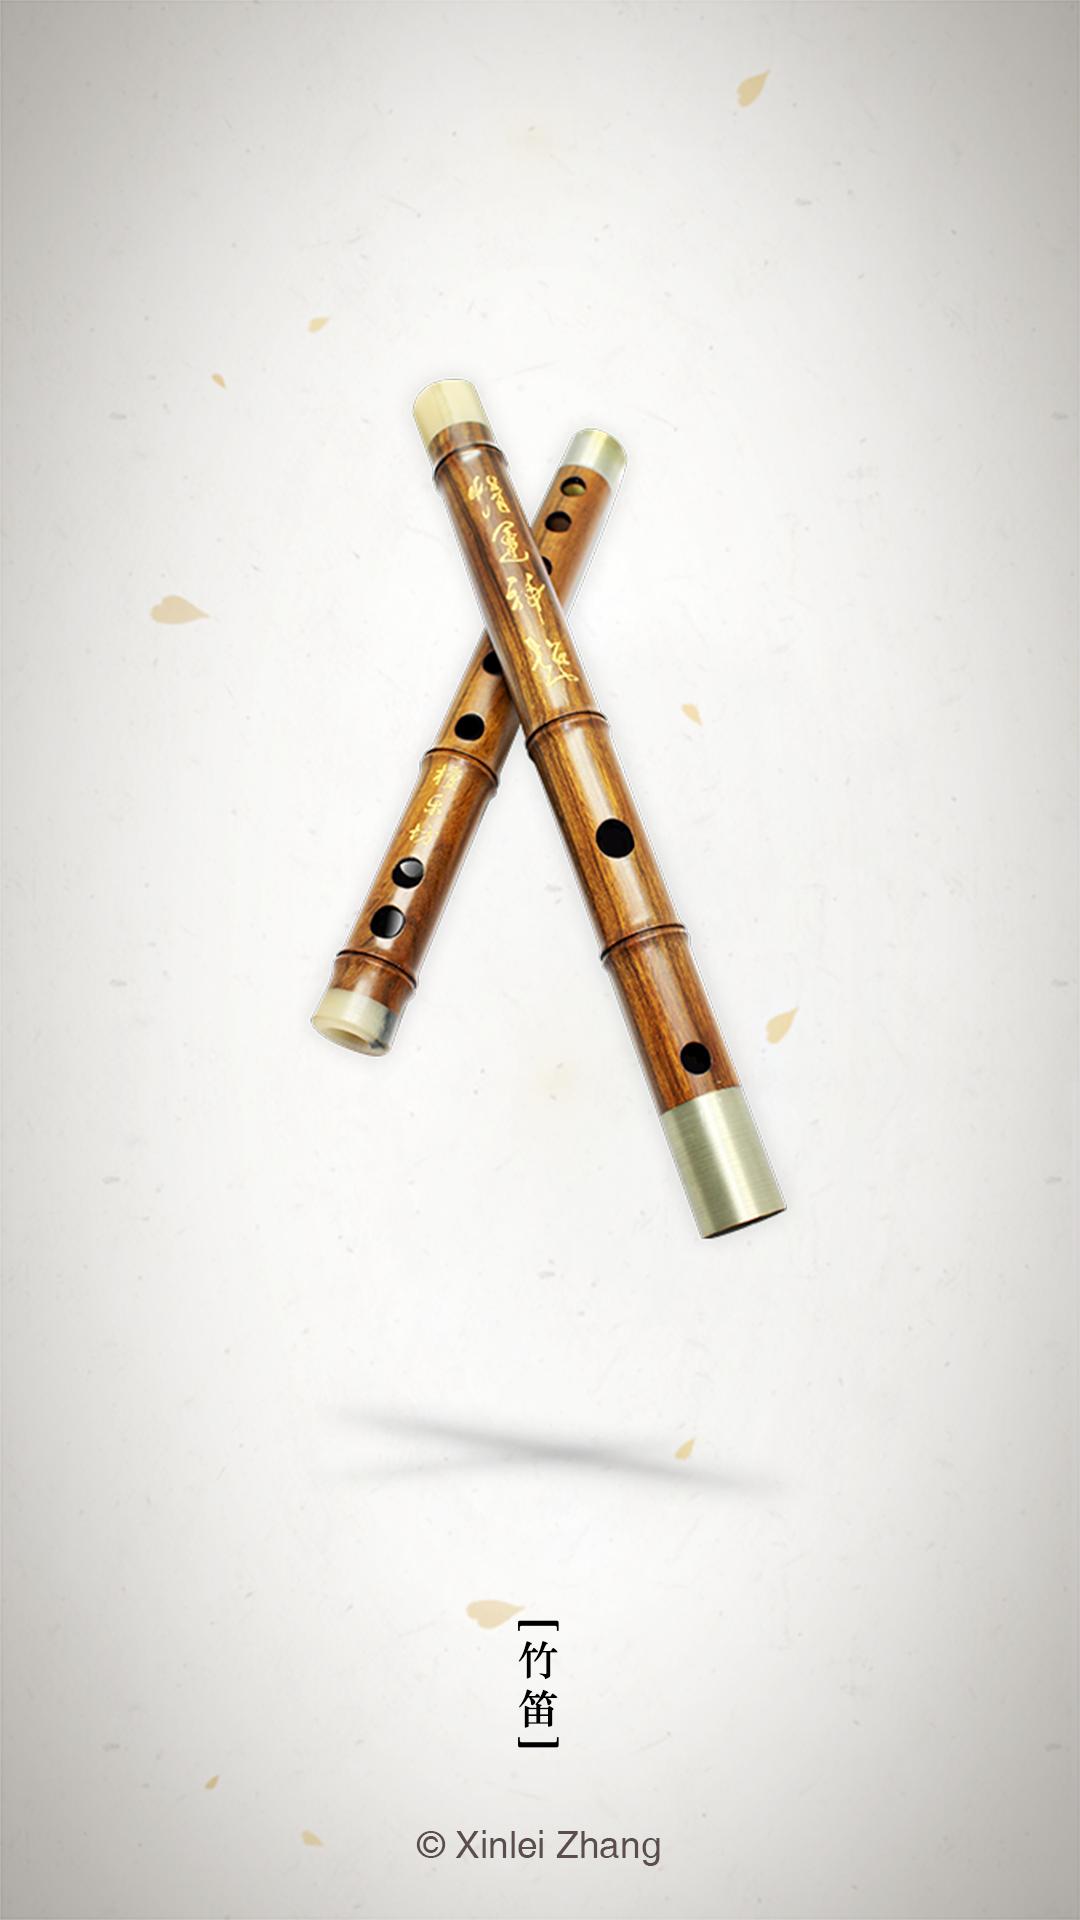 竹笛调音器